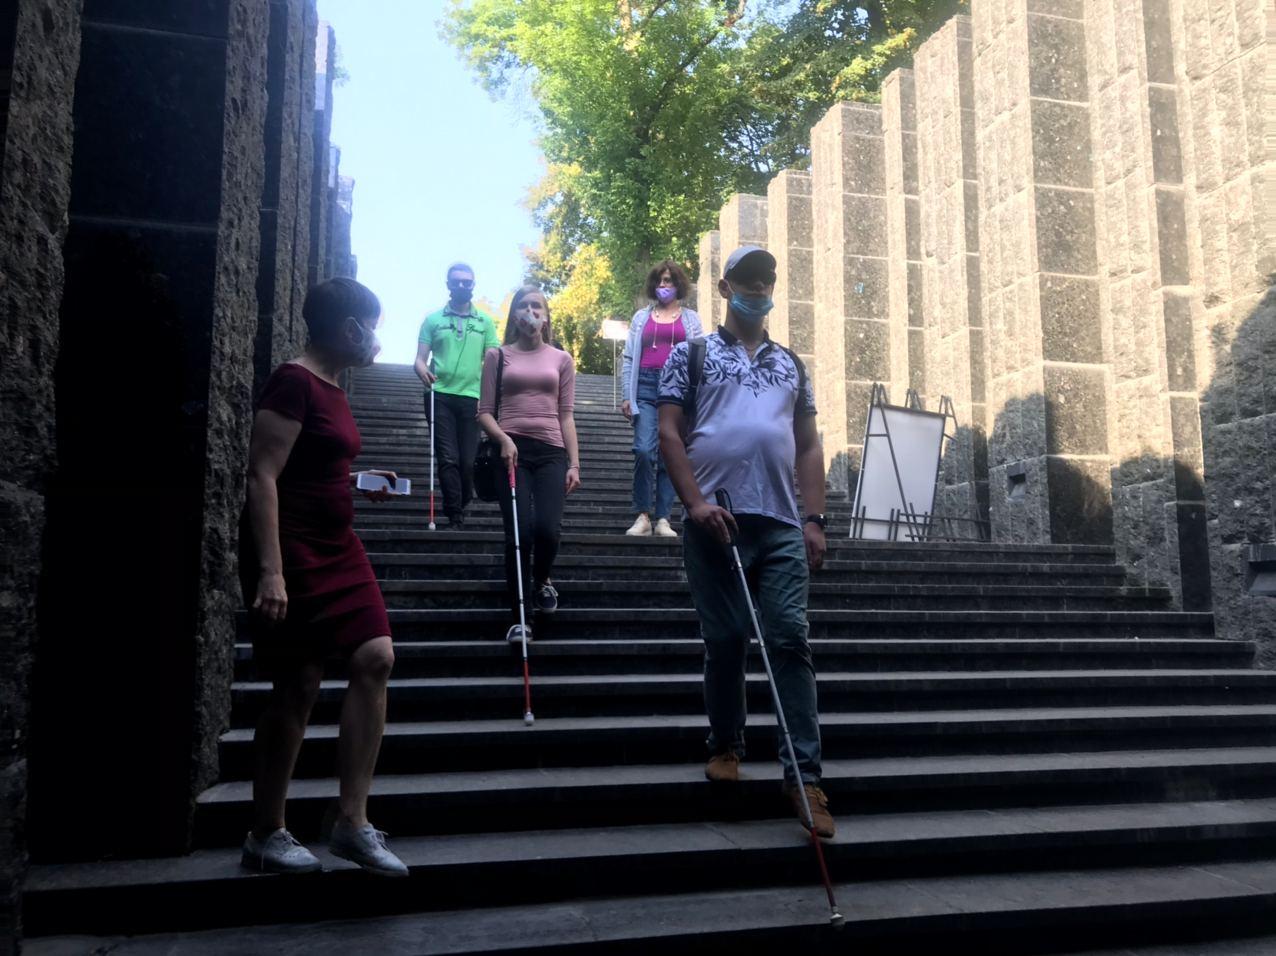 Незрячі відвідувачі спускаються сходами, використовуючи тростини